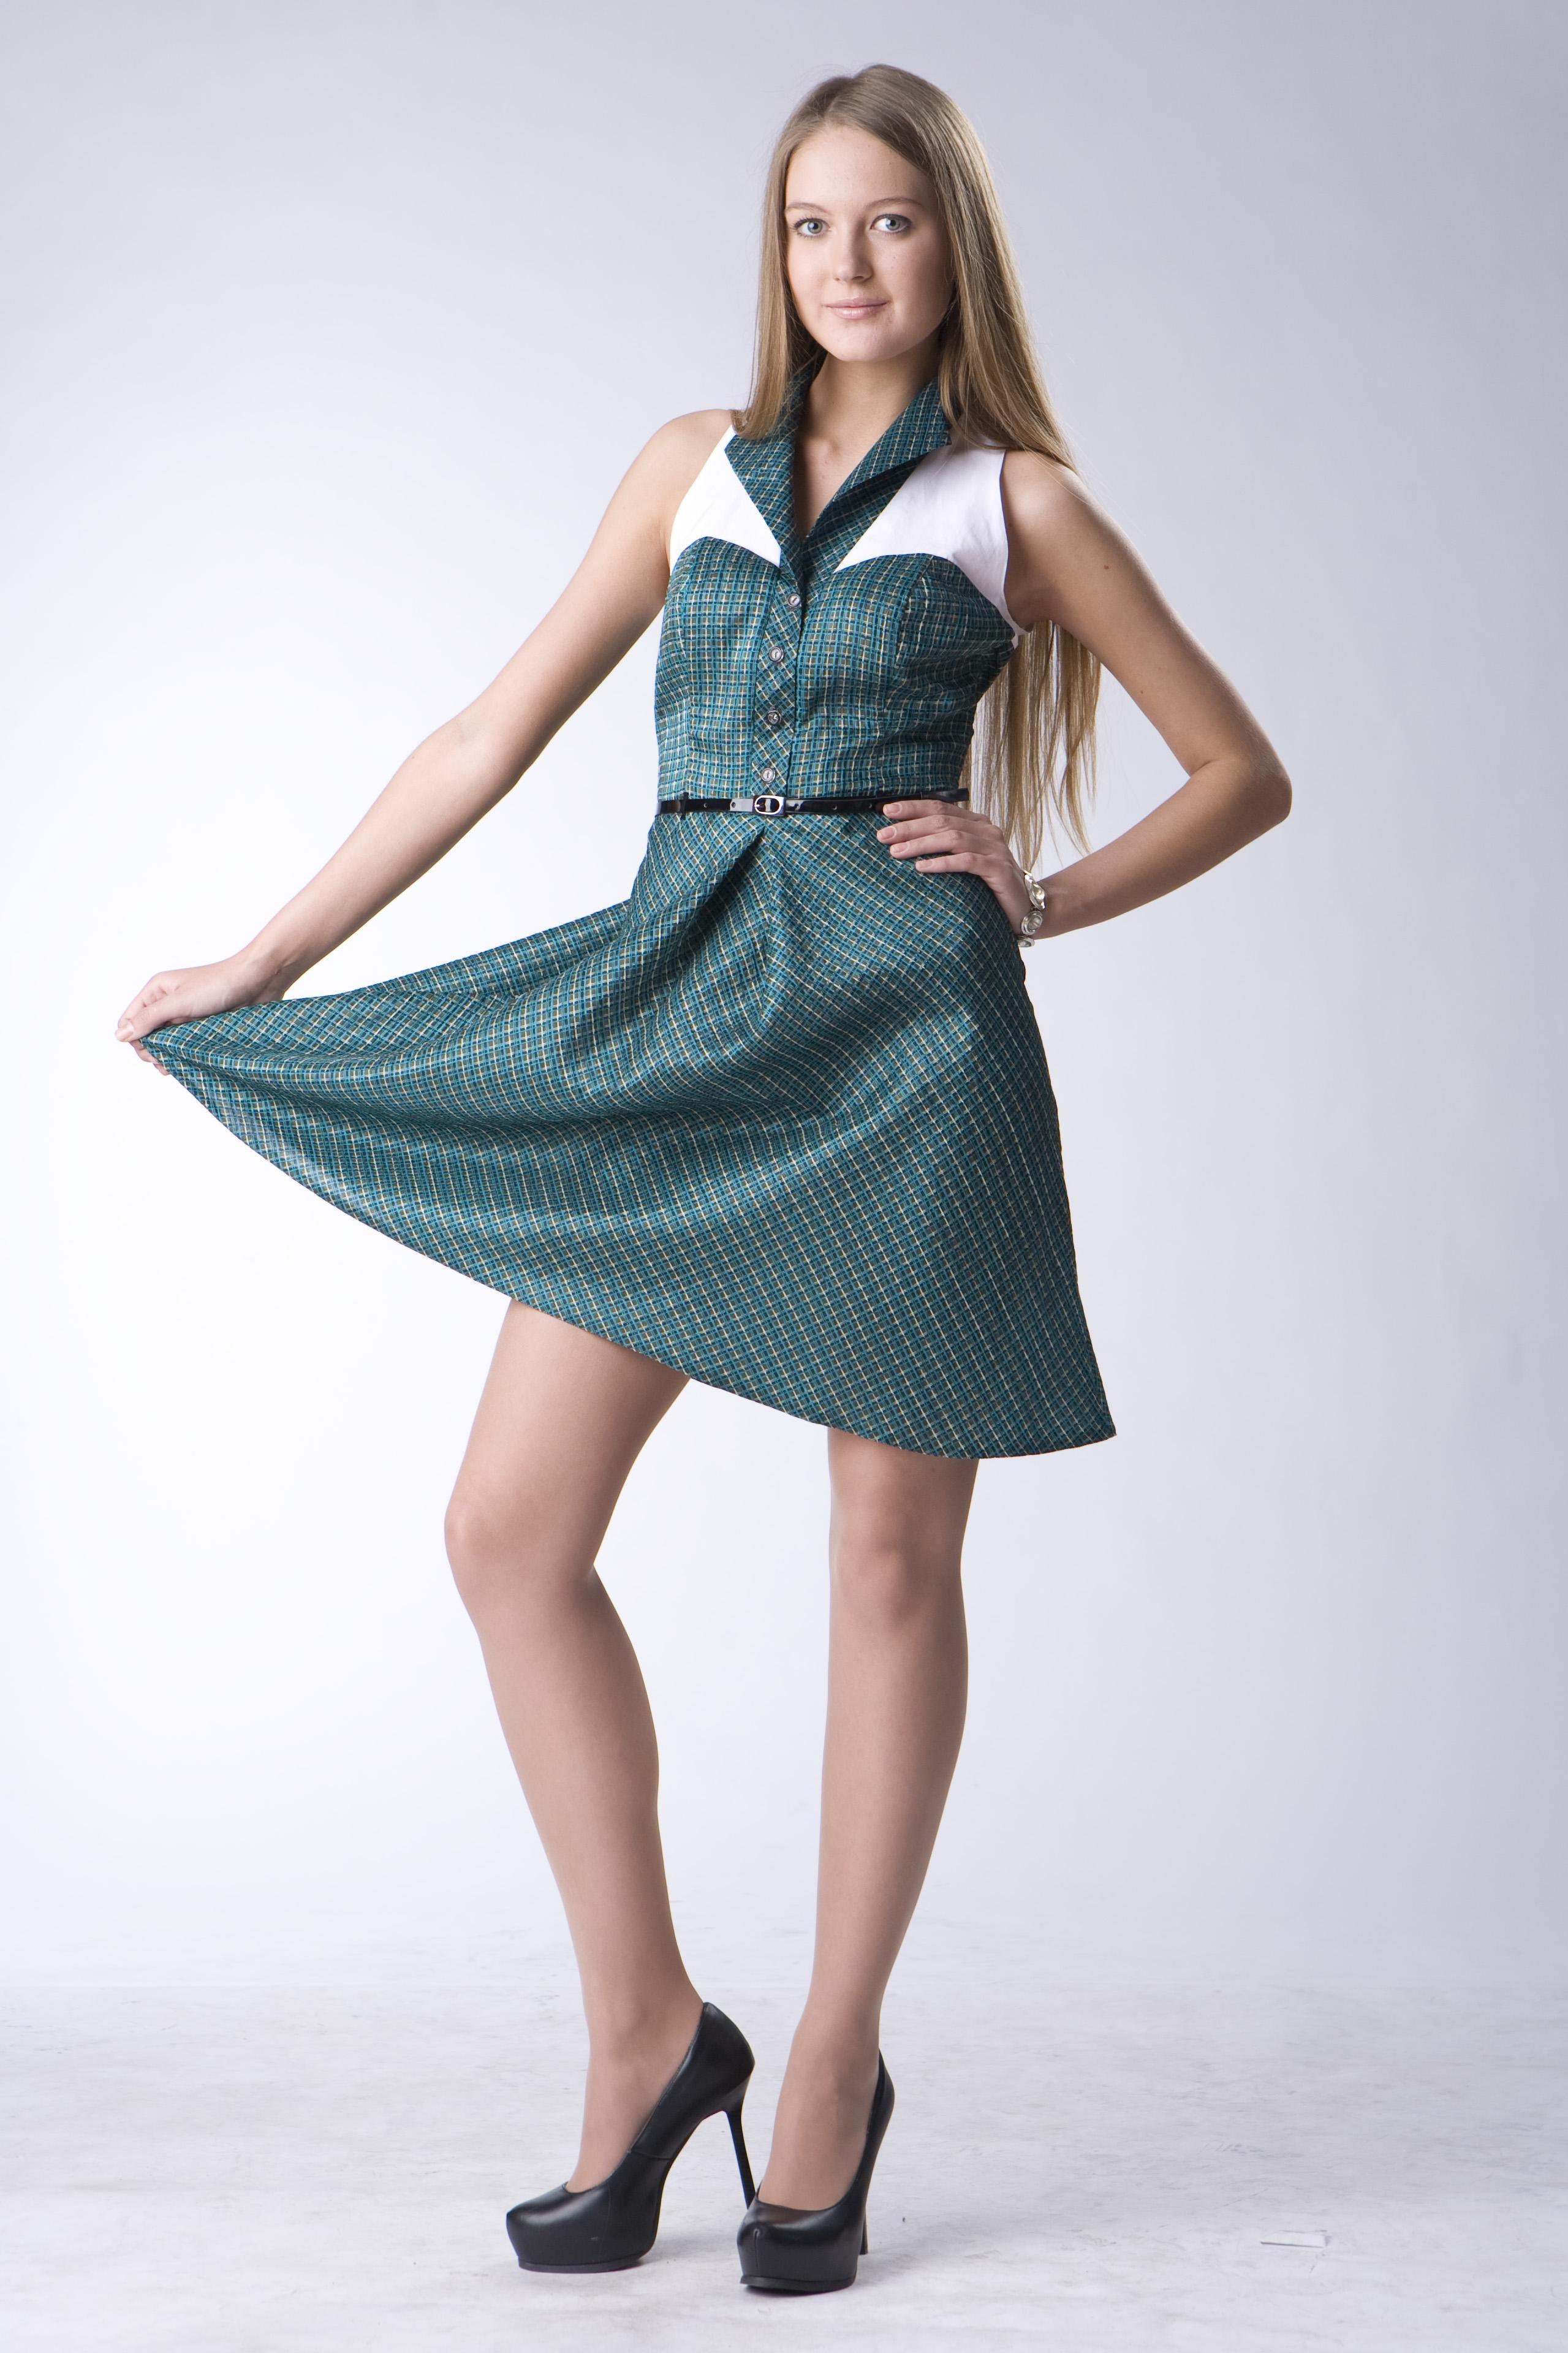 d2bf5cad600 Платье Изумрудная клетка бренд АНО купить в интернет магазине Леди...